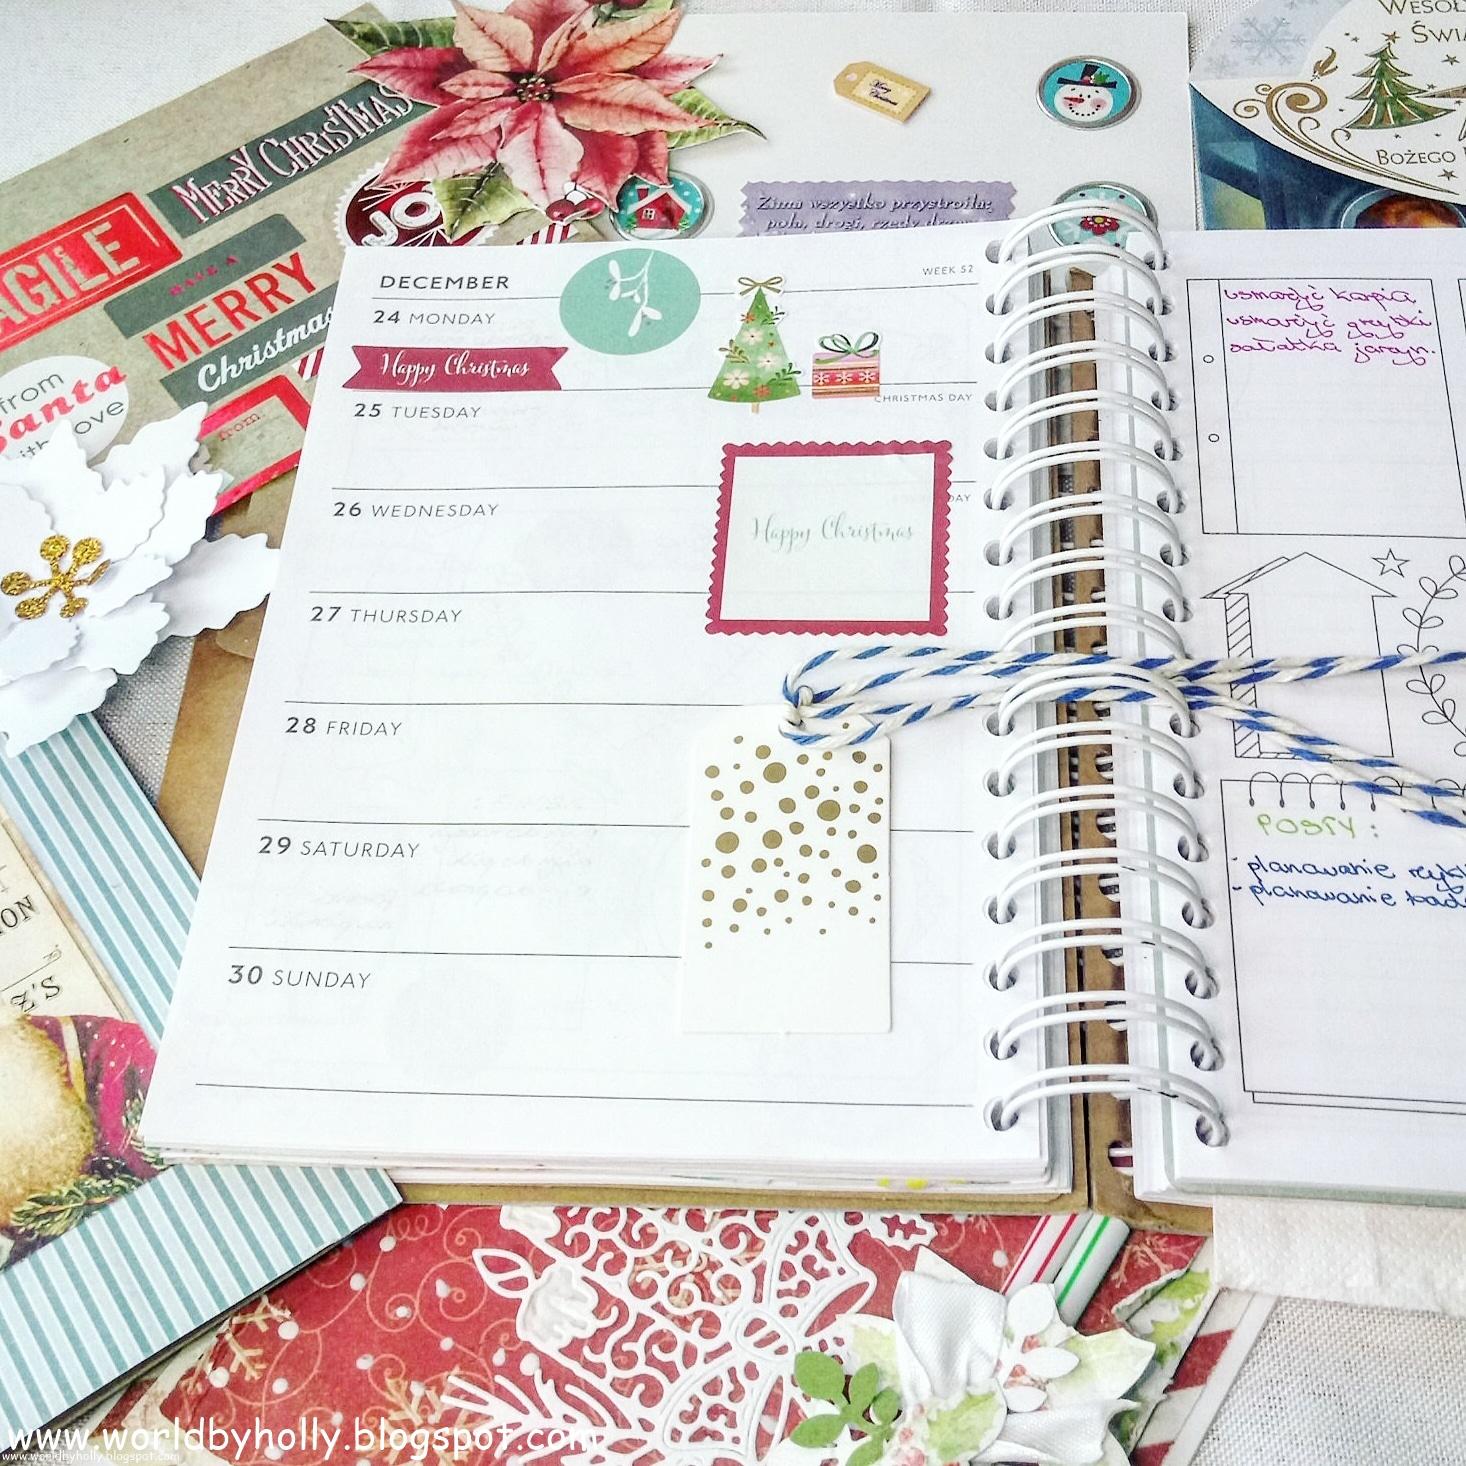 jak planować, żeby mieć czas, planowanie, planner, kolorowy planner, kalendarz, bujo